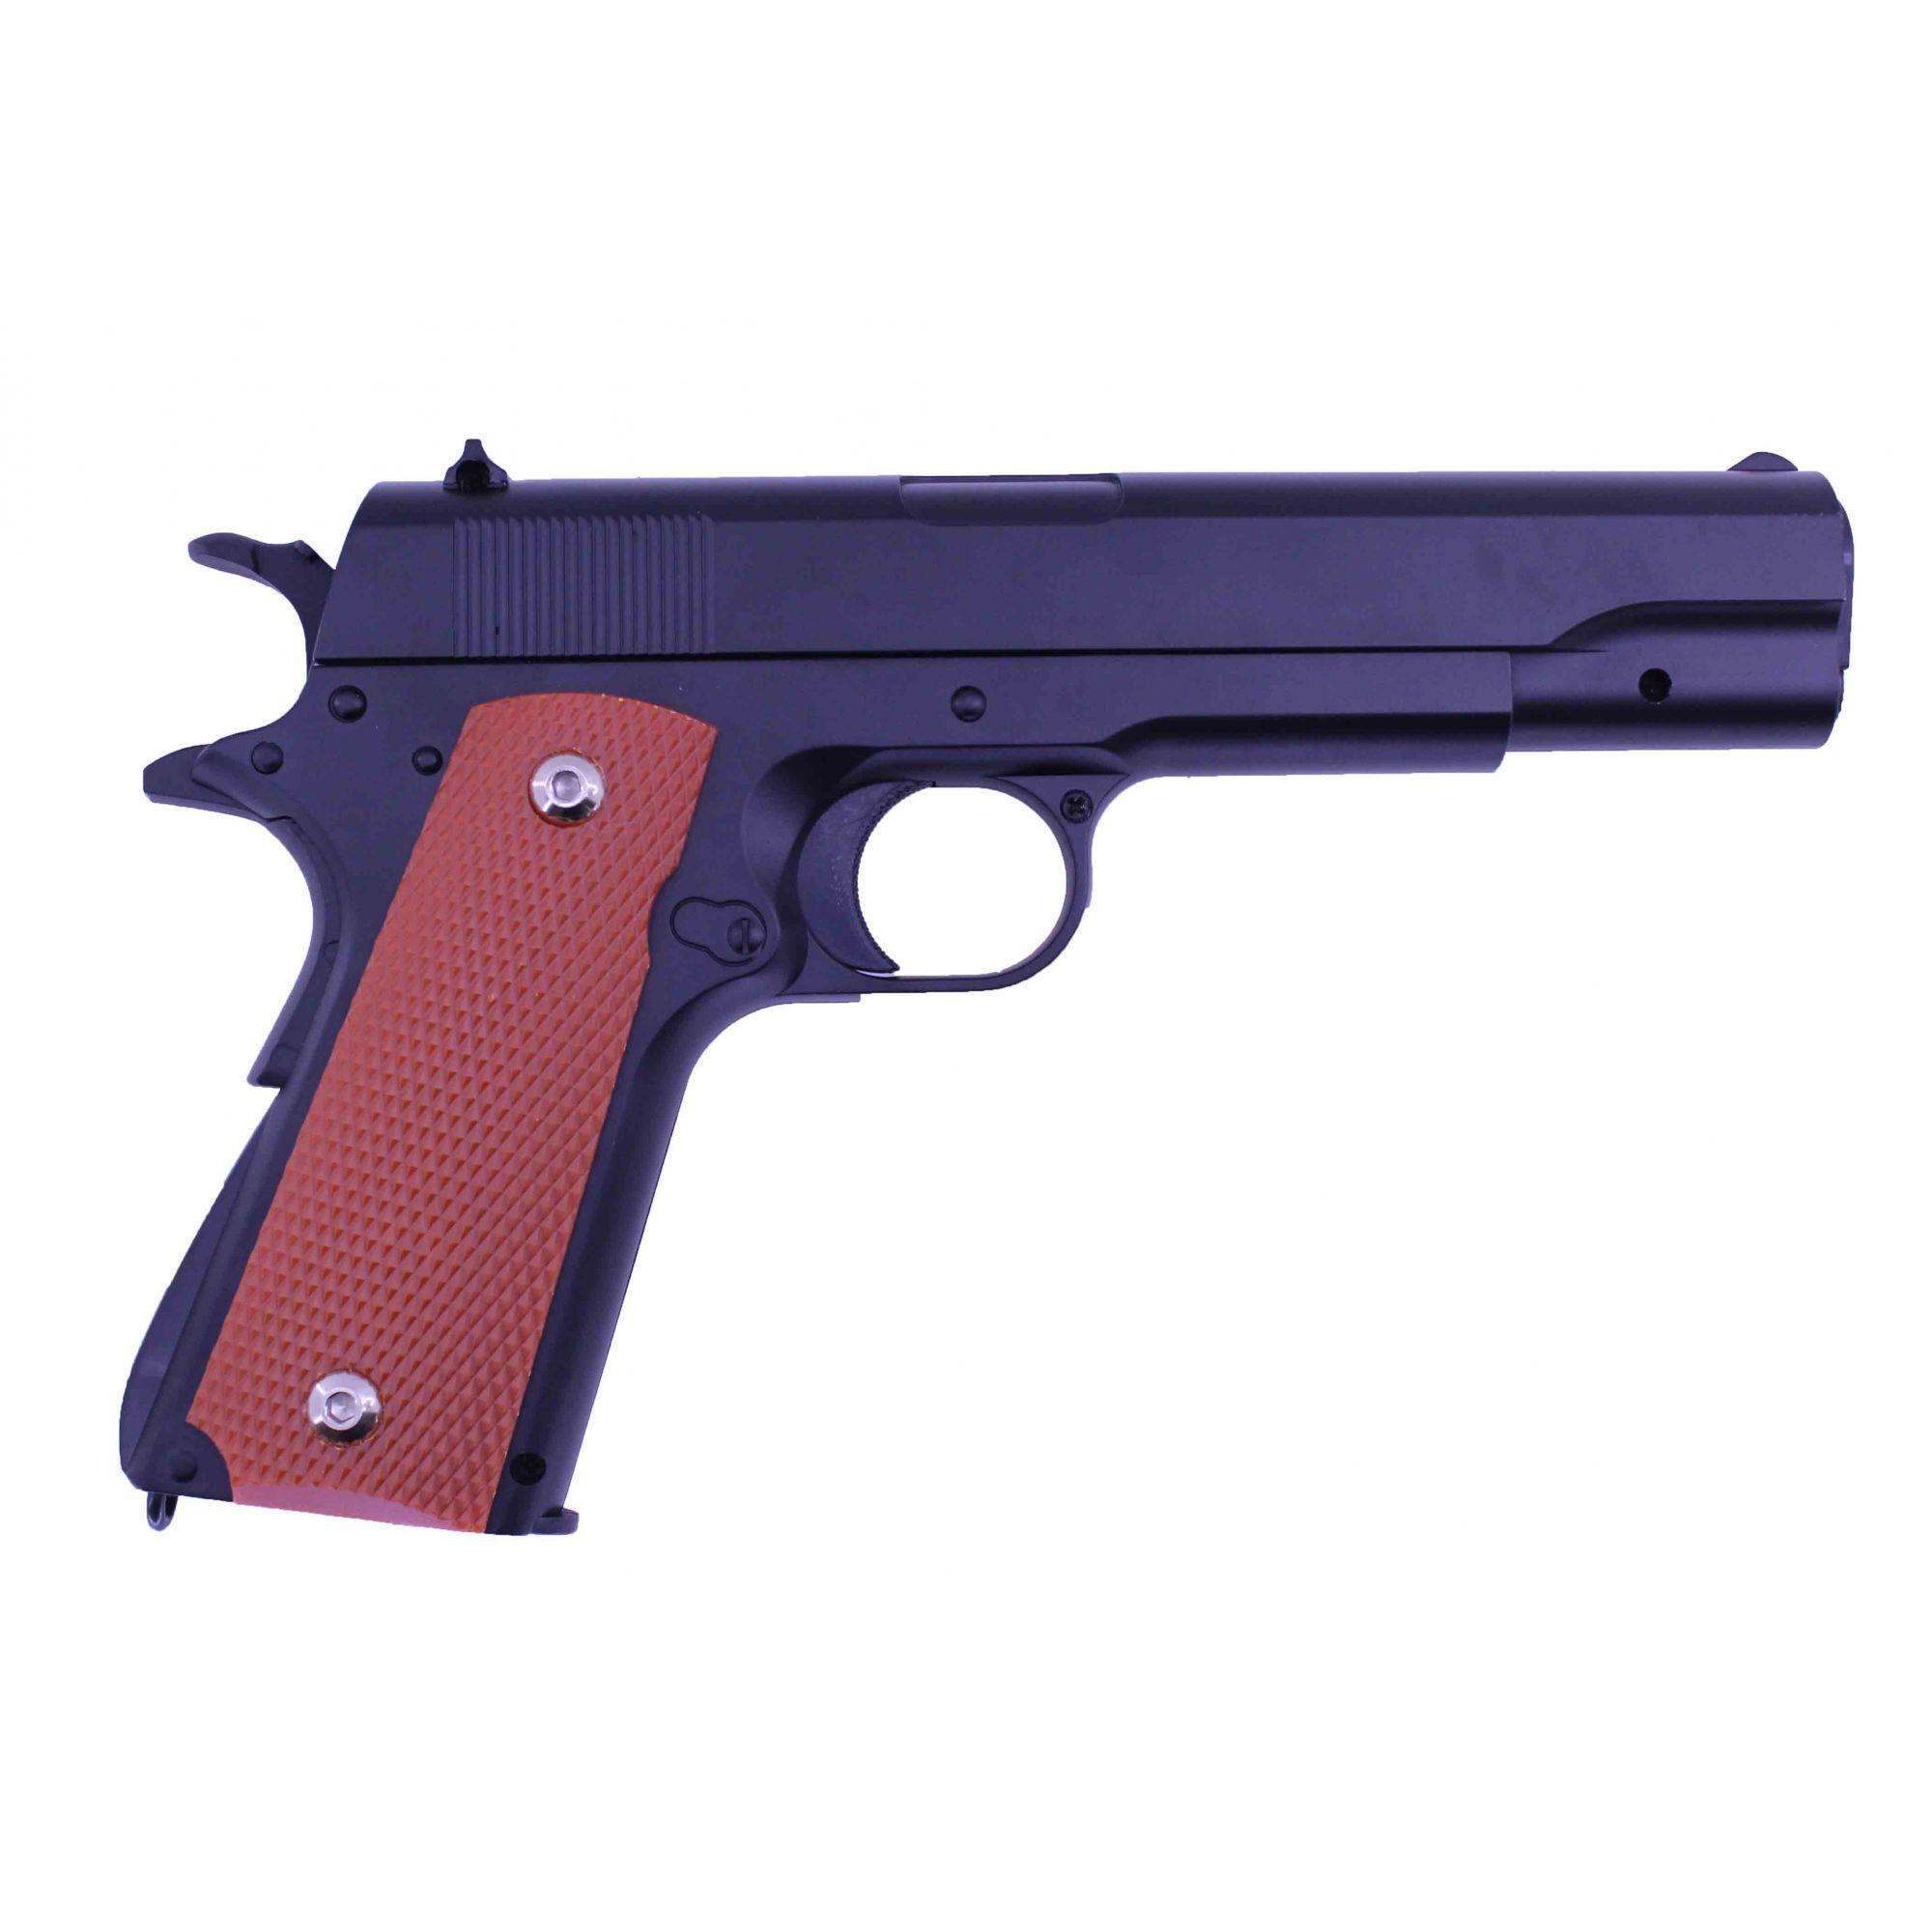 Pistola Airsoft VG 1911 V14 Spring 6mm